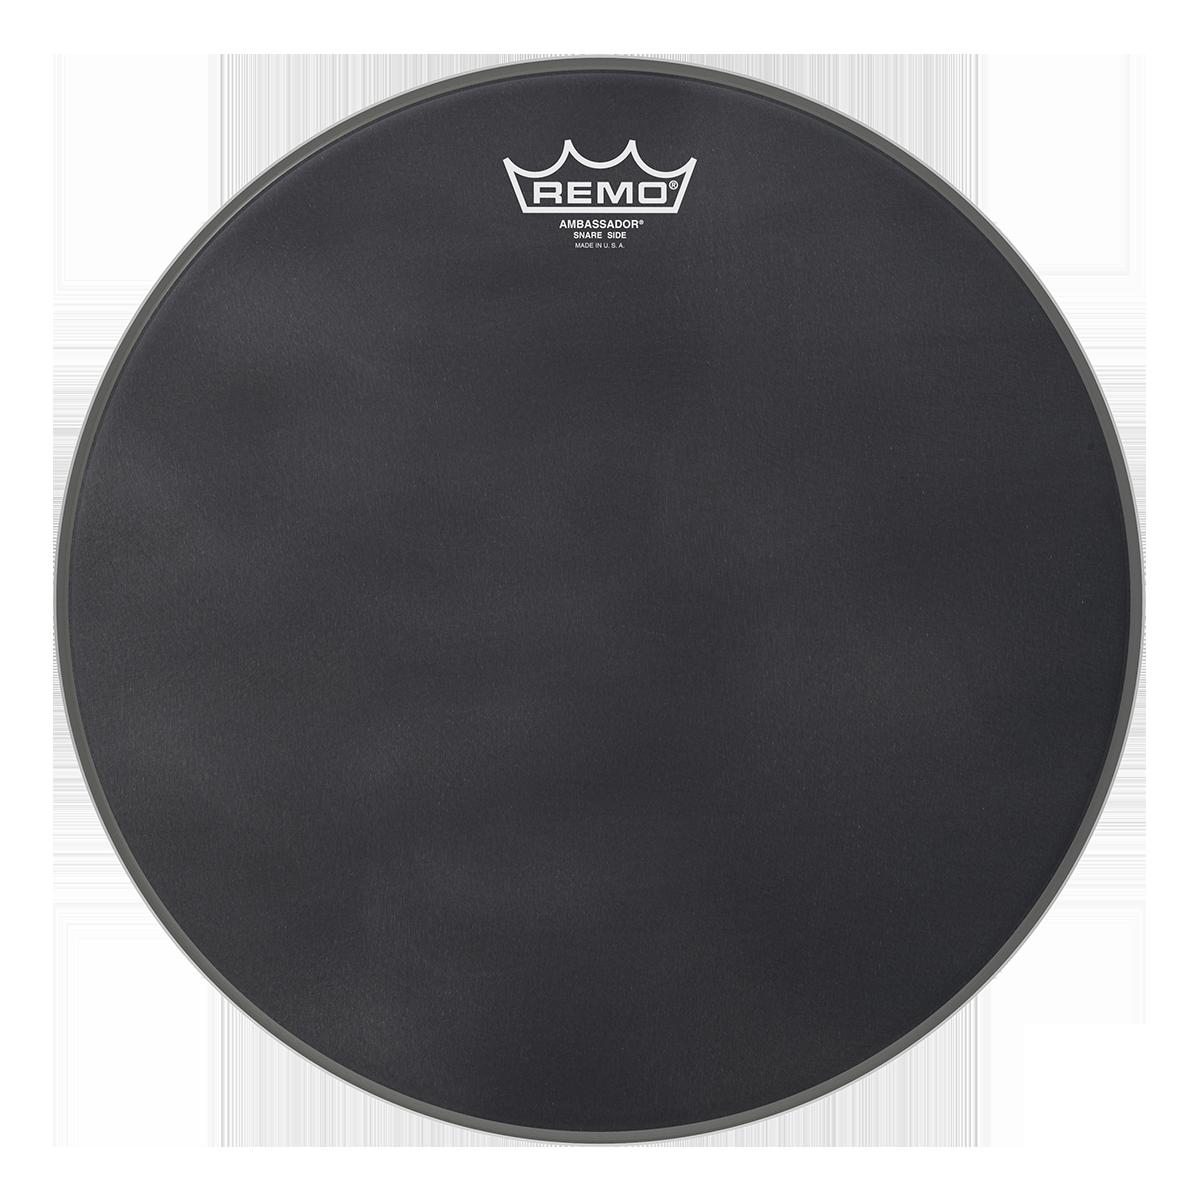 remo ambassador black suede snare side drumheads drums on sale. Black Bedroom Furniture Sets. Home Design Ideas